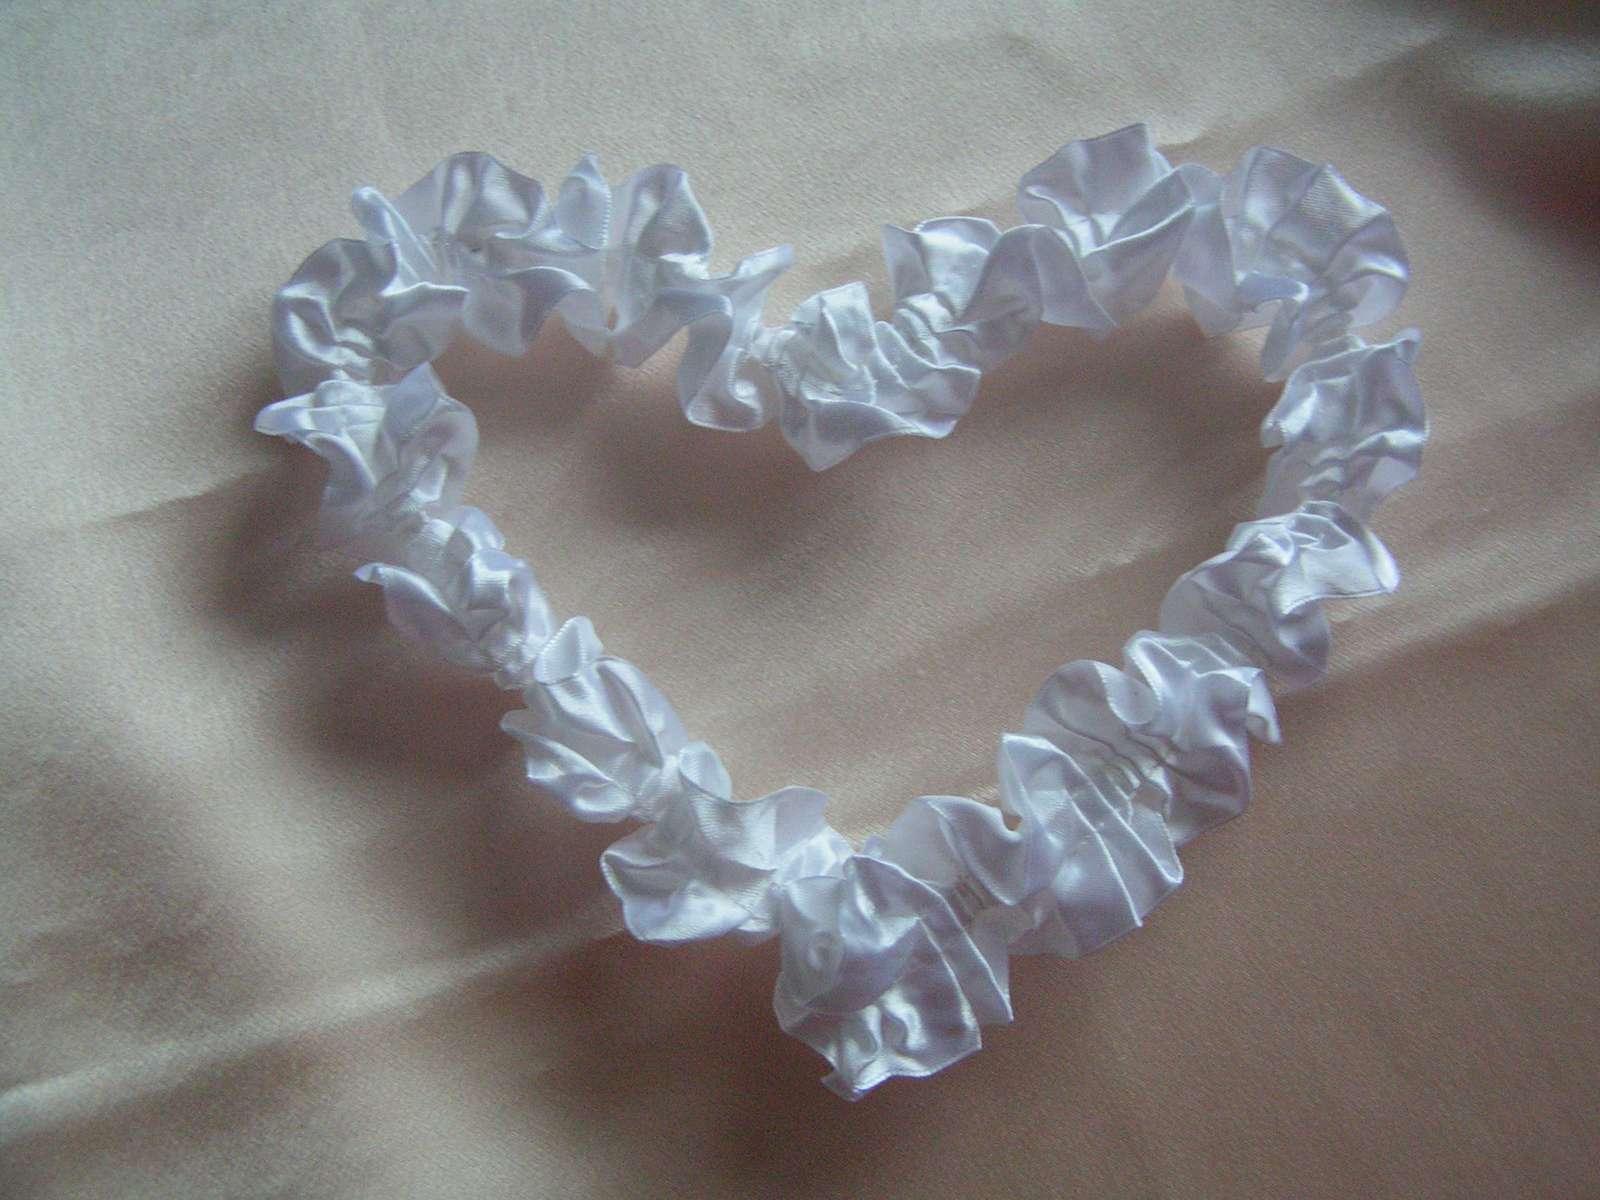 Srdíčko 20 cm - Obrázek č. 1